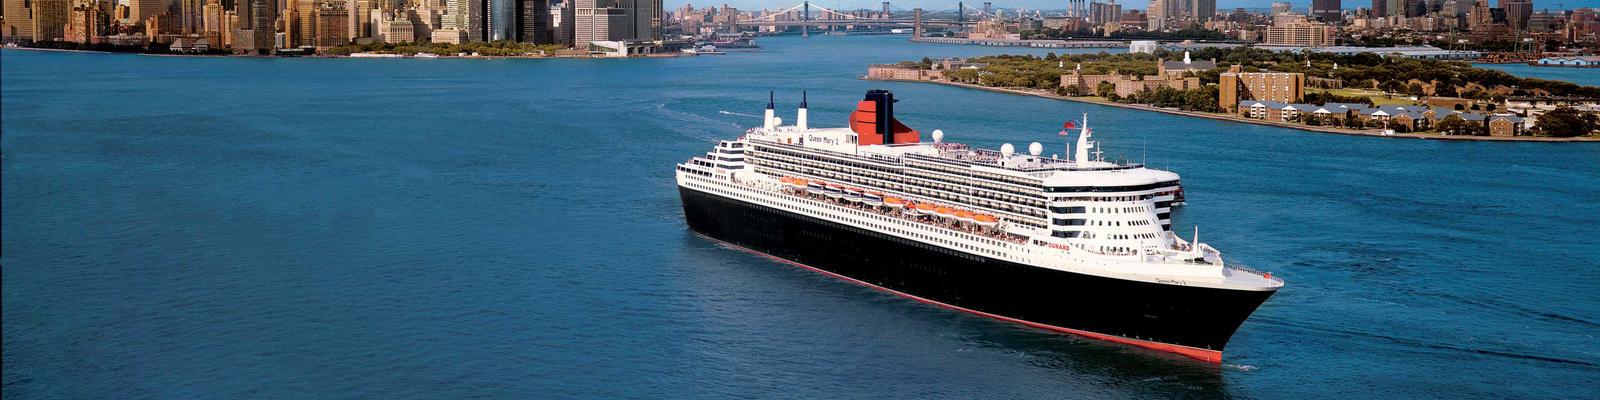 Transatlantic Repositioning Cruise Deals Lamoureph Blog